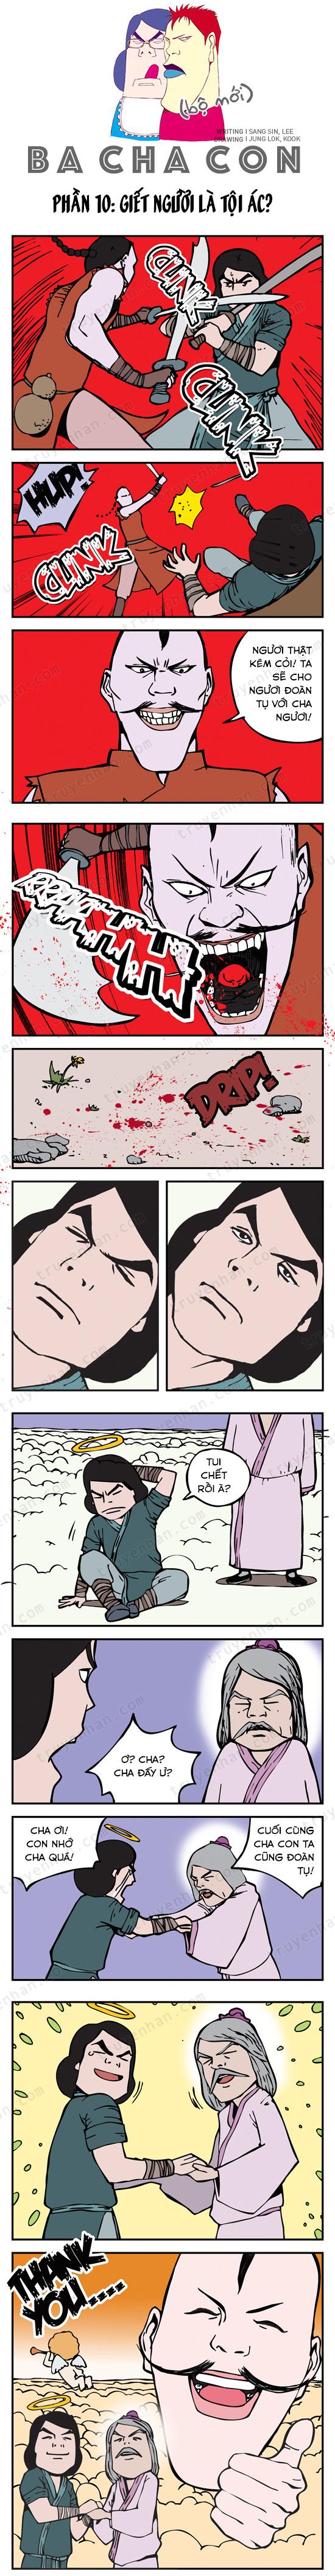 Ba cha con (bộ mới) phần 10: Giết người là tội ác